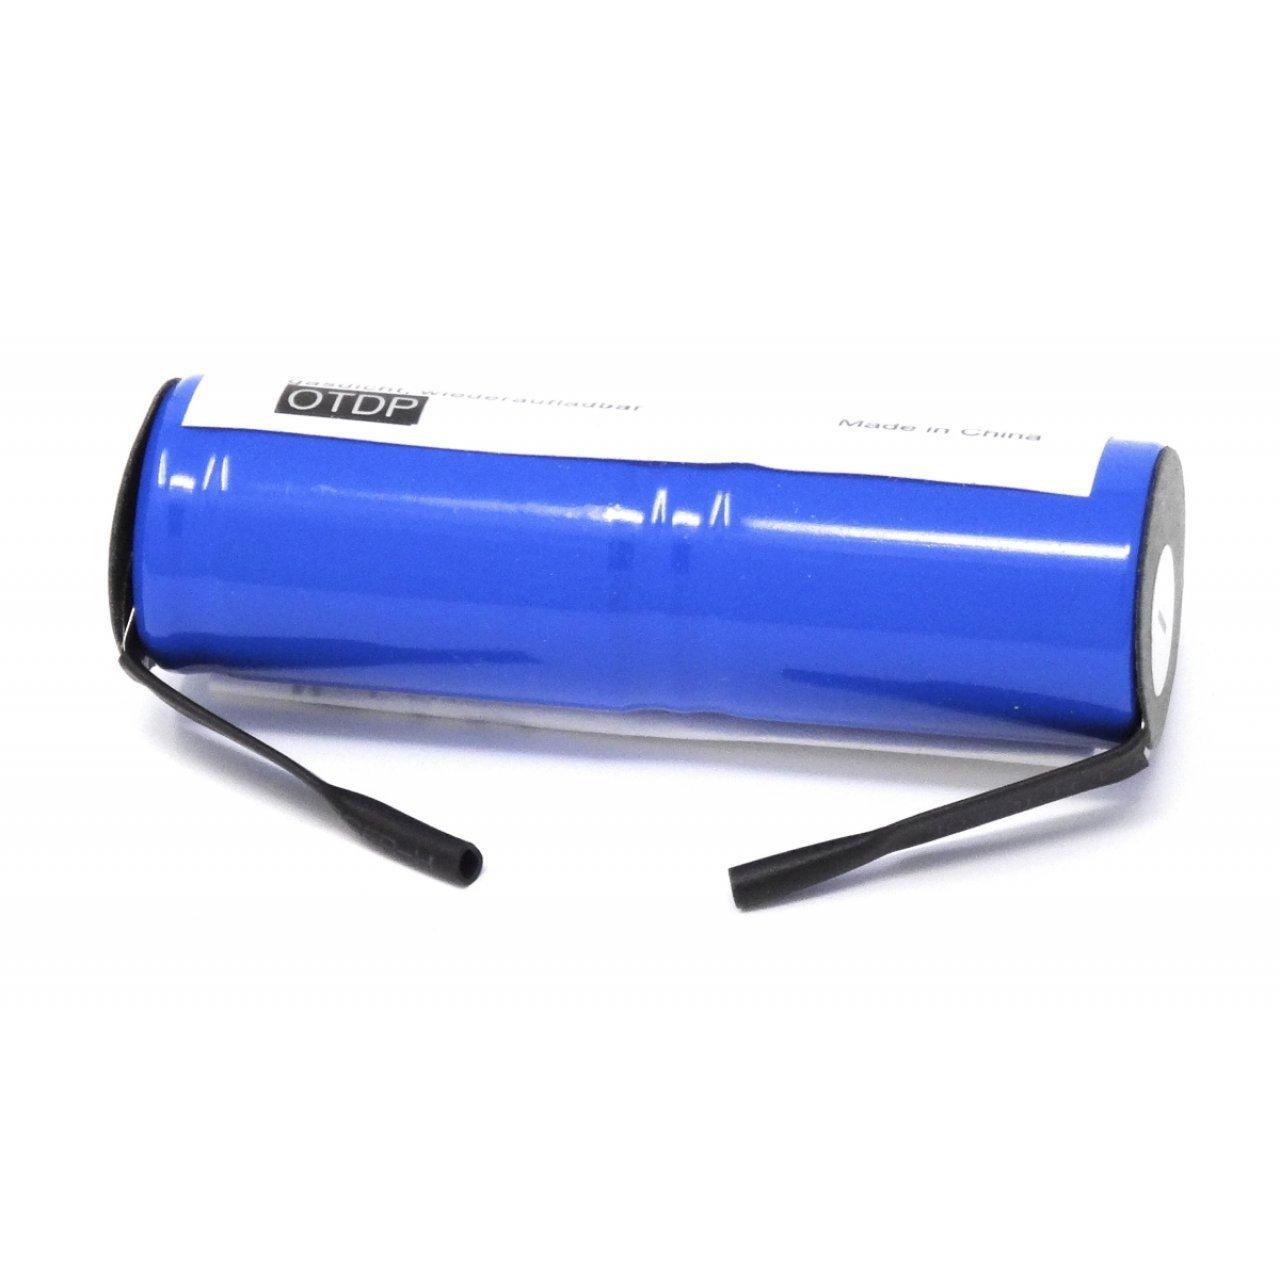 akku-net Batería para cepillo de dientes marrón tipo S de rwt1688, 2,4 V, NiMH: Amazon.es: Electrónica